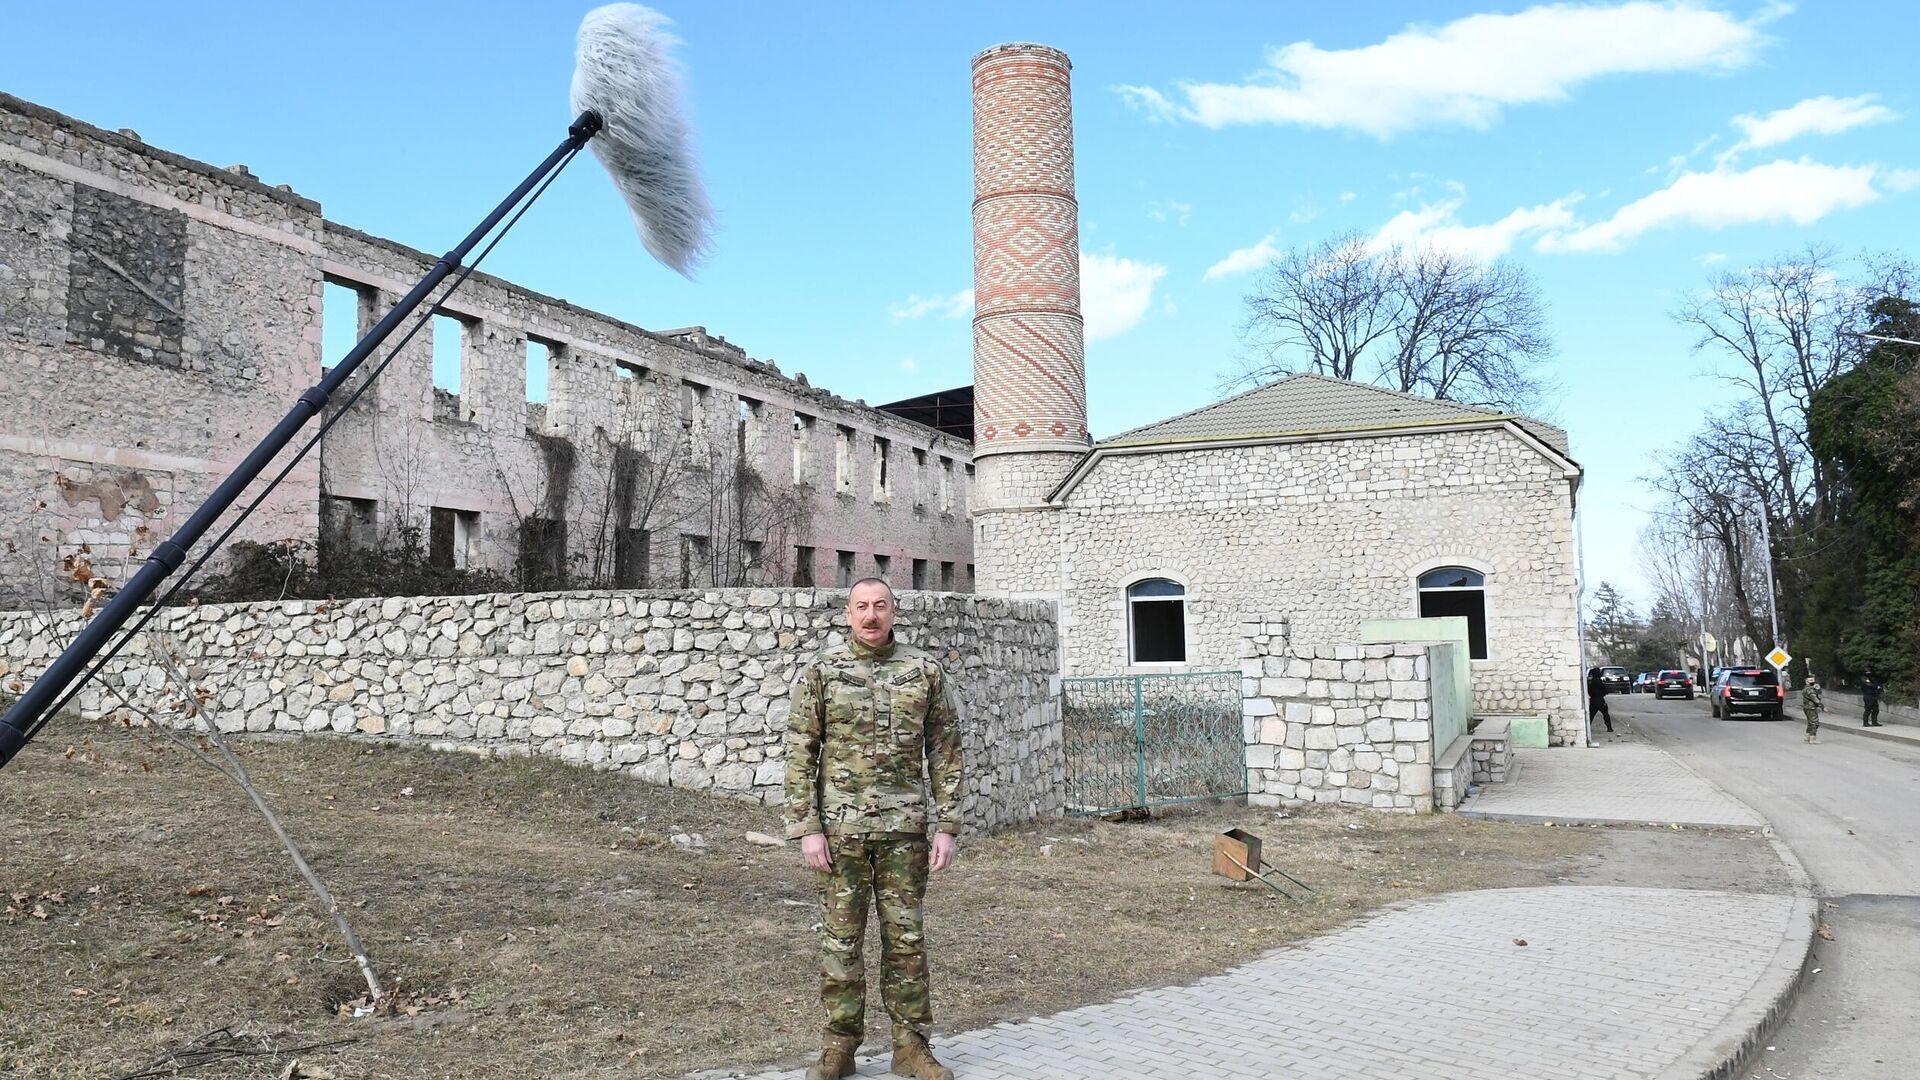 Президент Азербайджана Ильхам Алиев во время посещения города Шуша - РИА Новости, 1920, 19.01.2021